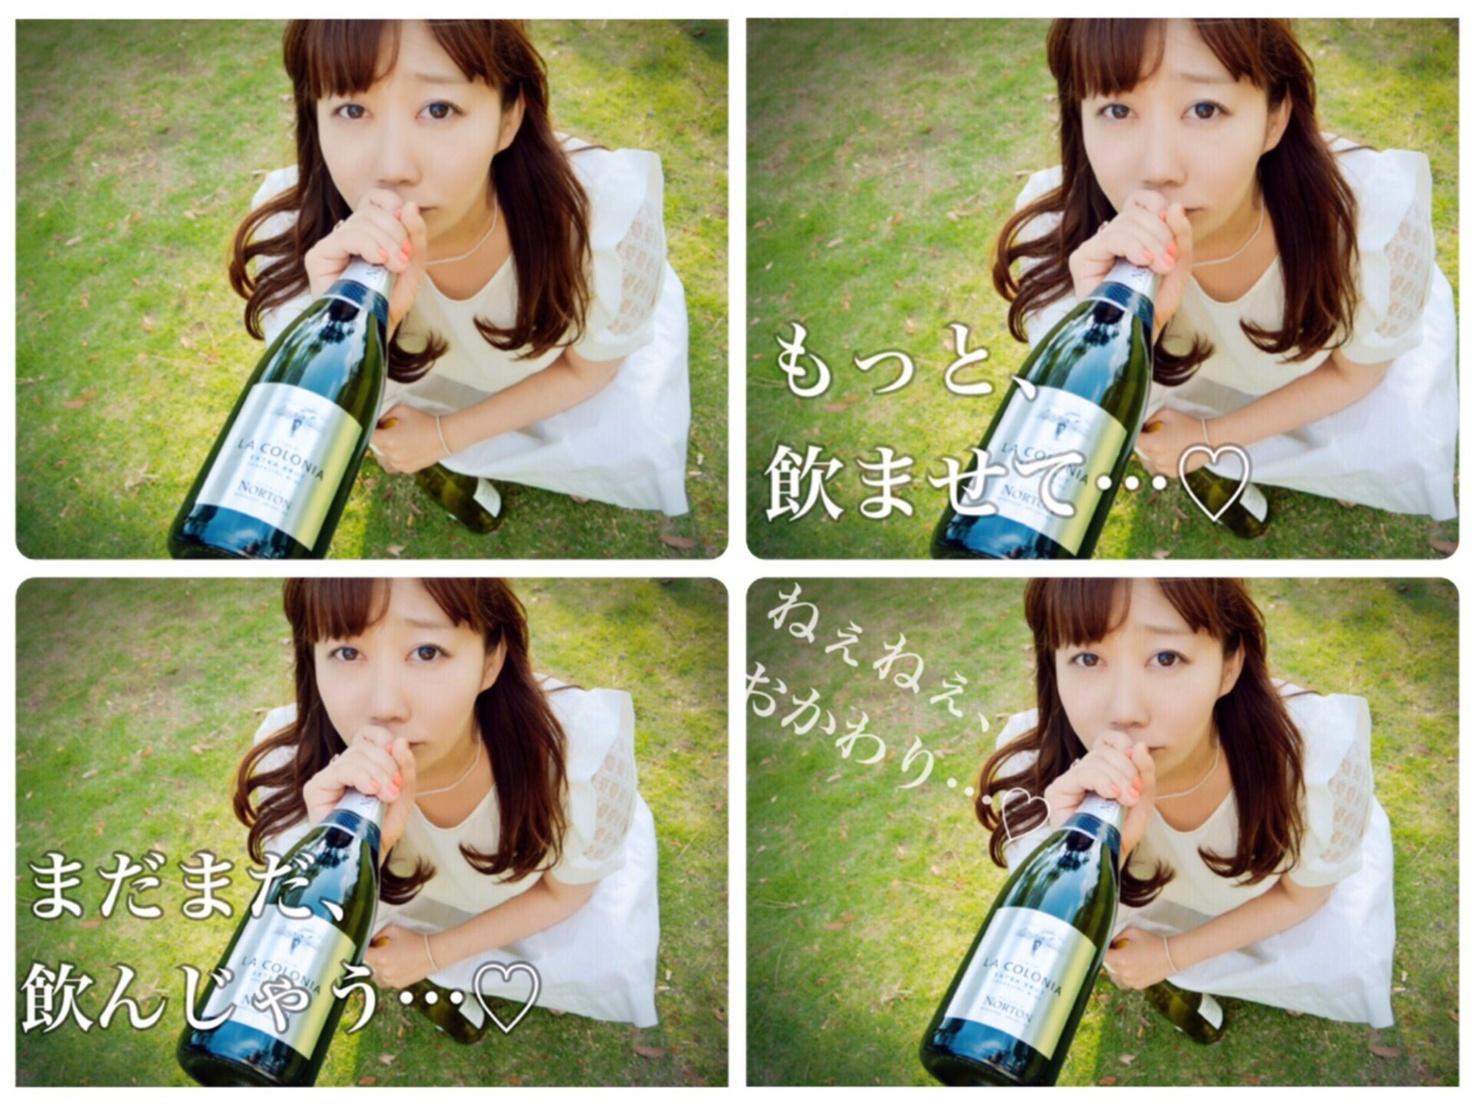 春の女子会おススメスポット!天気のいい日は皇居でピクニックをしよう♡_4